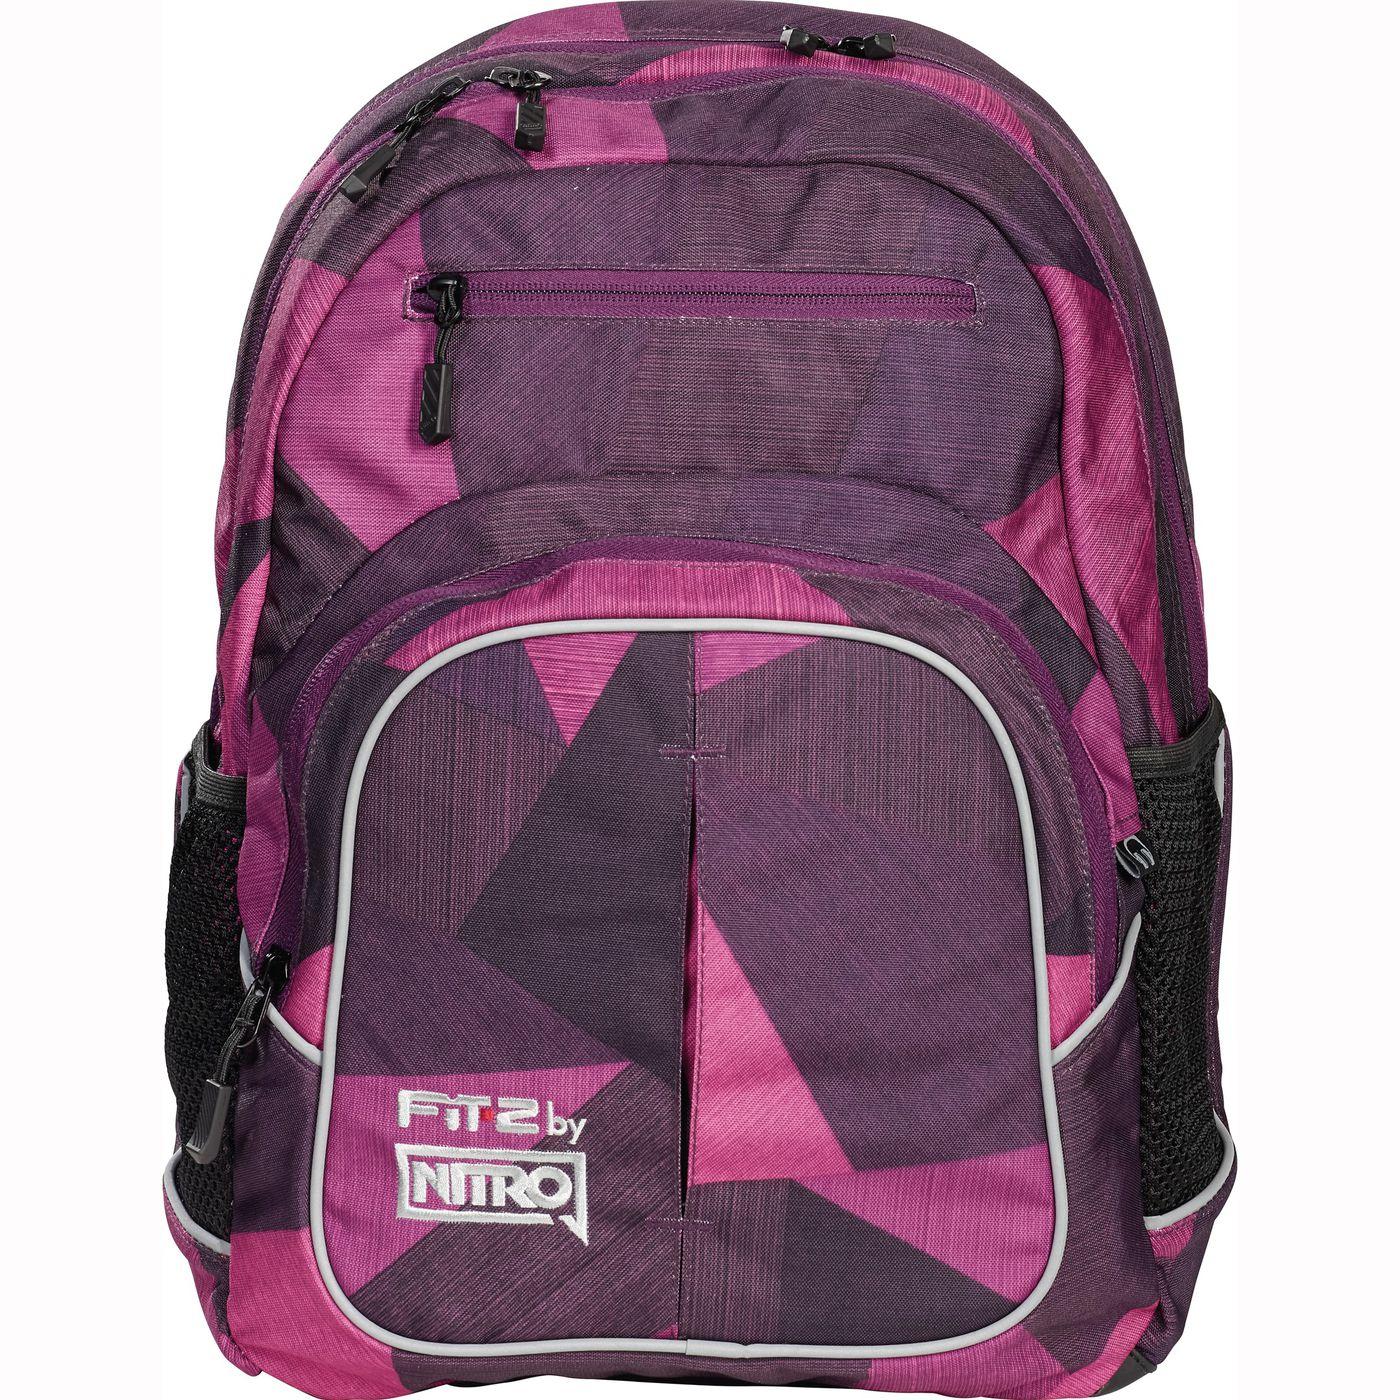 Школьный рюкзак NITRO